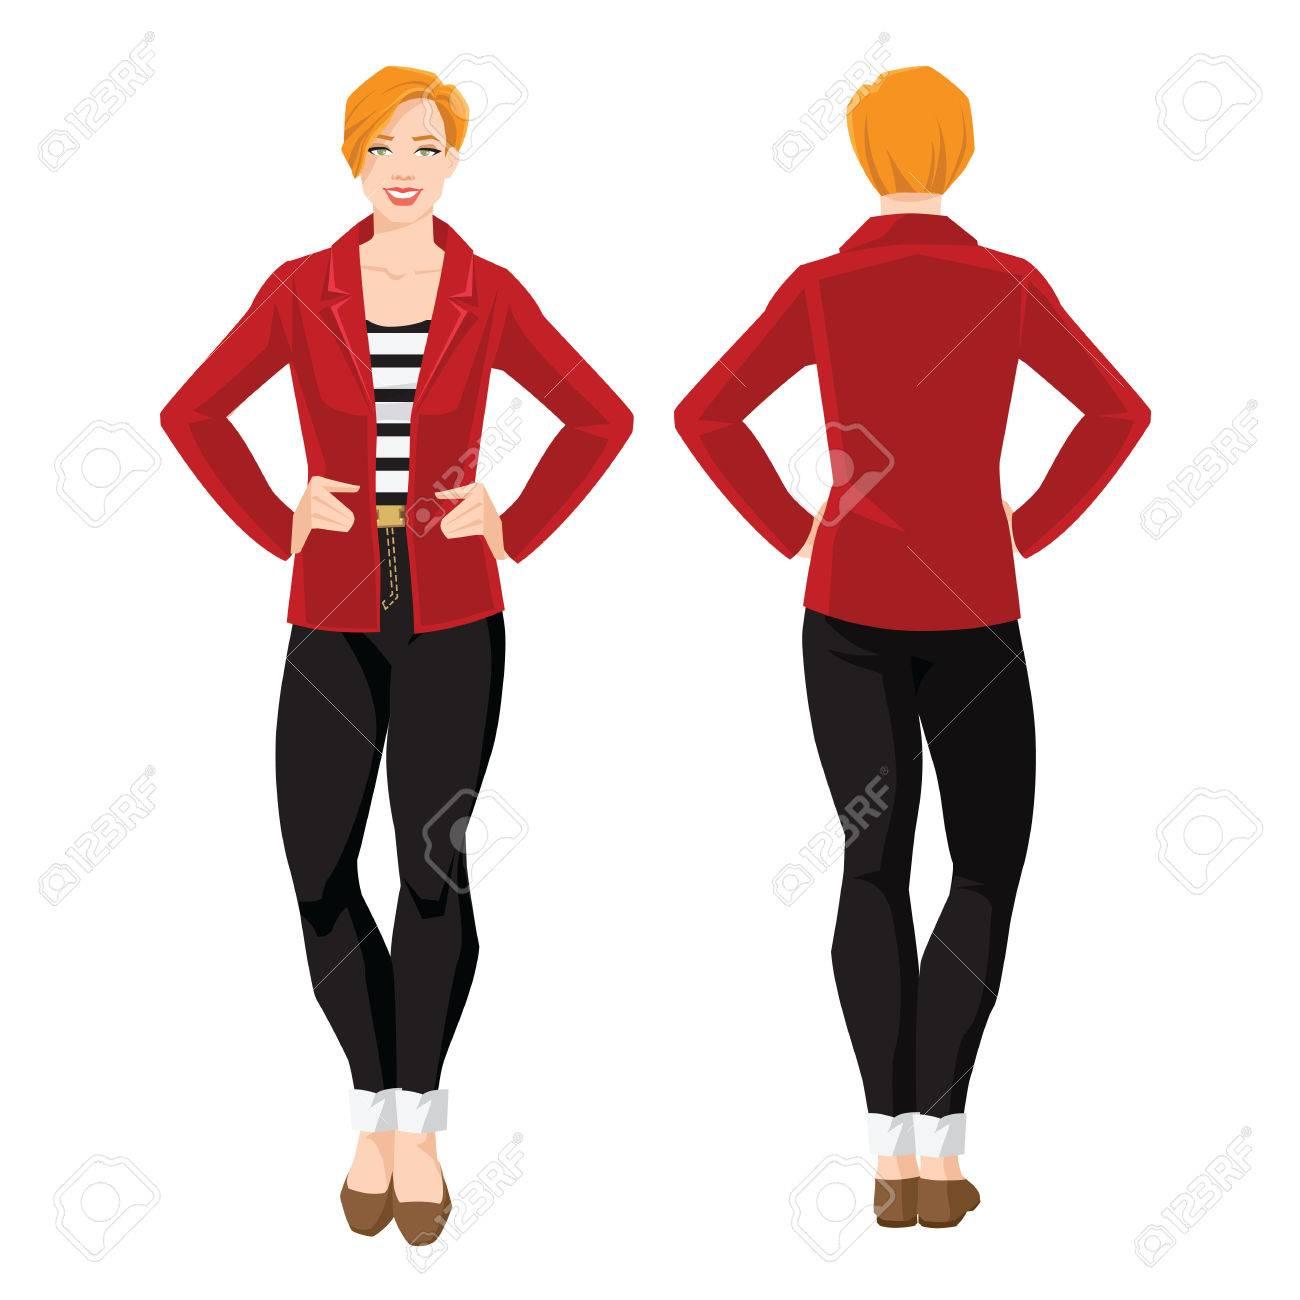 ストライプのシャツ、黒のジーンズ、赤いジャケット、フラットかかとに靴の赤毛の女性のベクトル イラスト。様々 な女の姿になります。正面図と背面図。